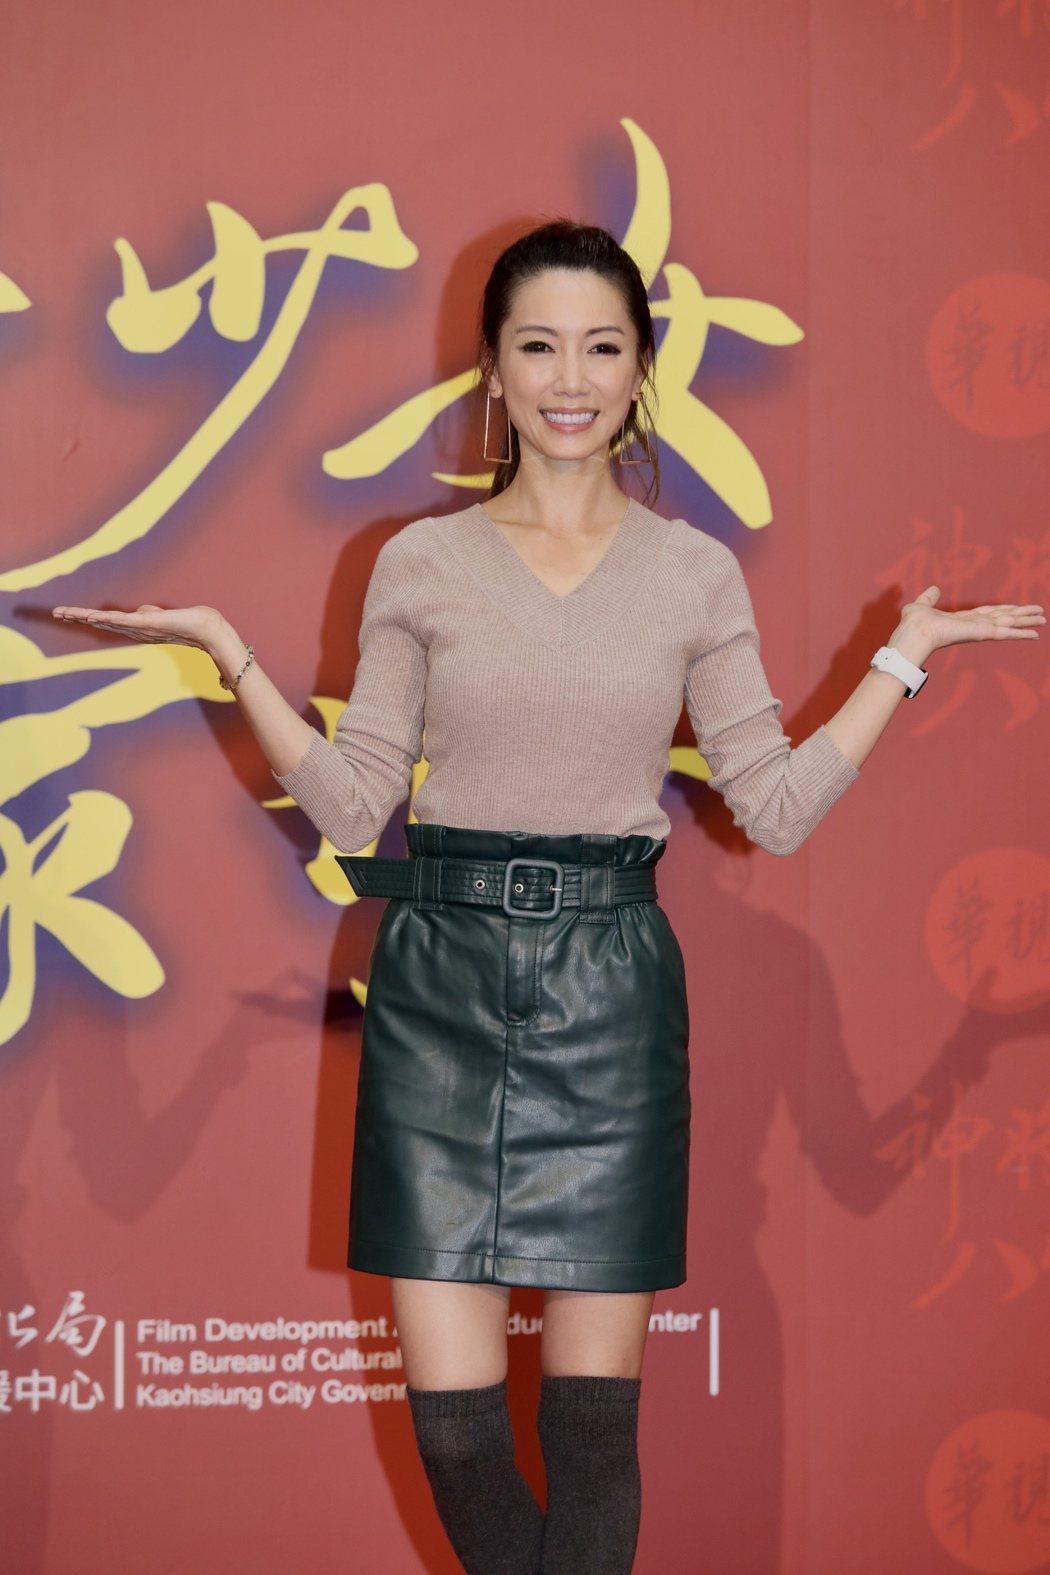 林韋君暌違5年,重返螢光幕挑大梁演出「神將少女八家將」。記者李政龍/攝影